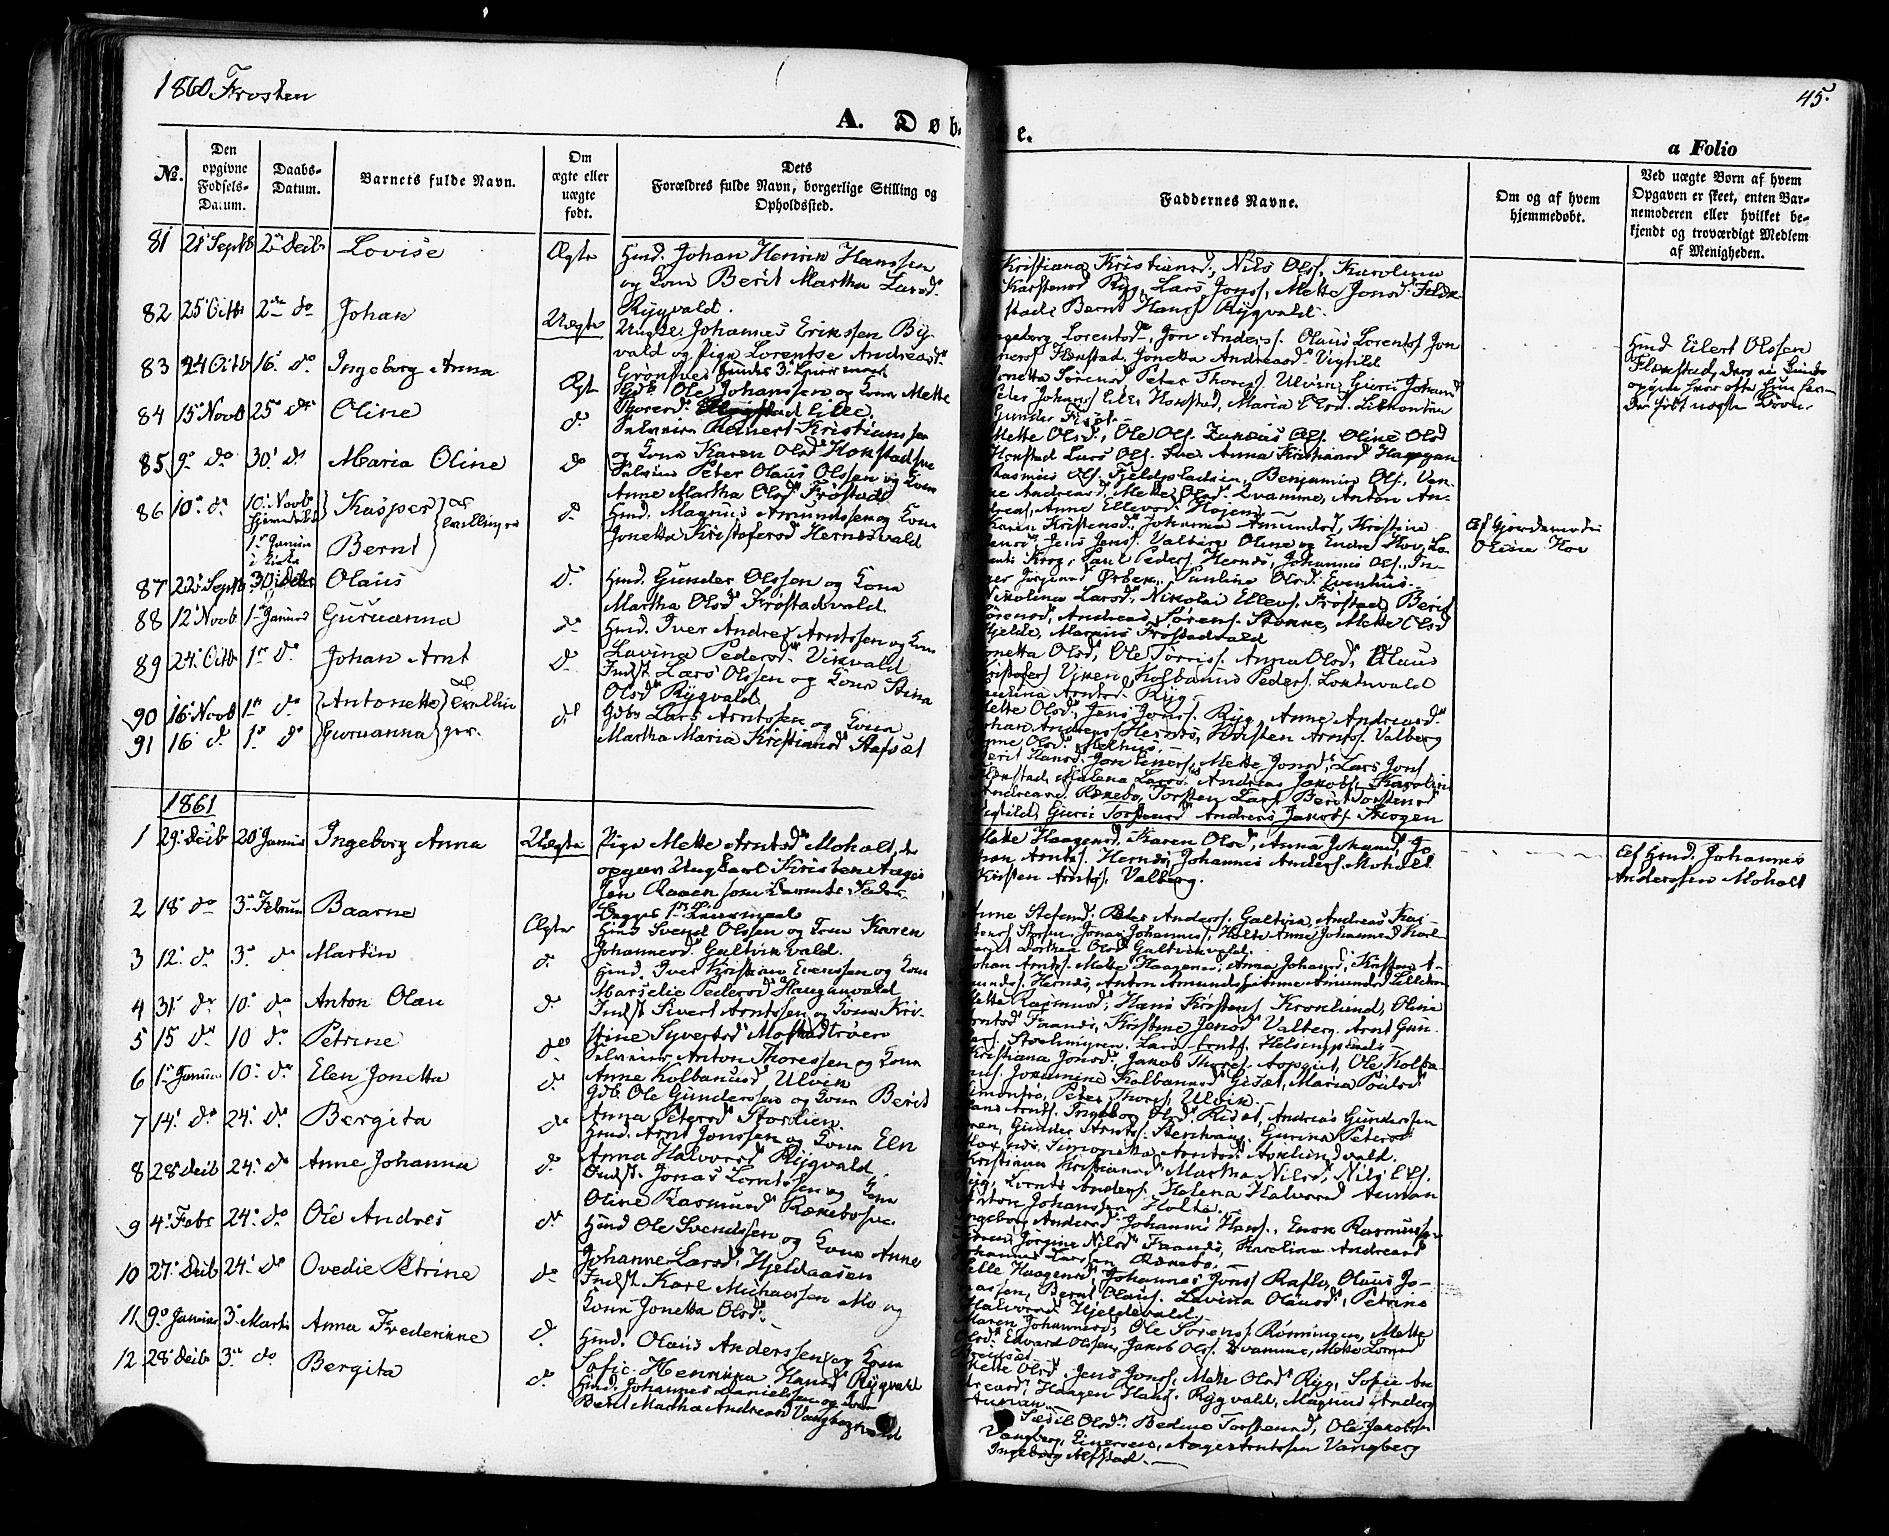 SAT, Ministerialprotokoller, klokkerbøker og fødselsregistre - Nord-Trøndelag, 713/L0116: Ministerialbok nr. 713A07 /1, 1850-1877, s. 45